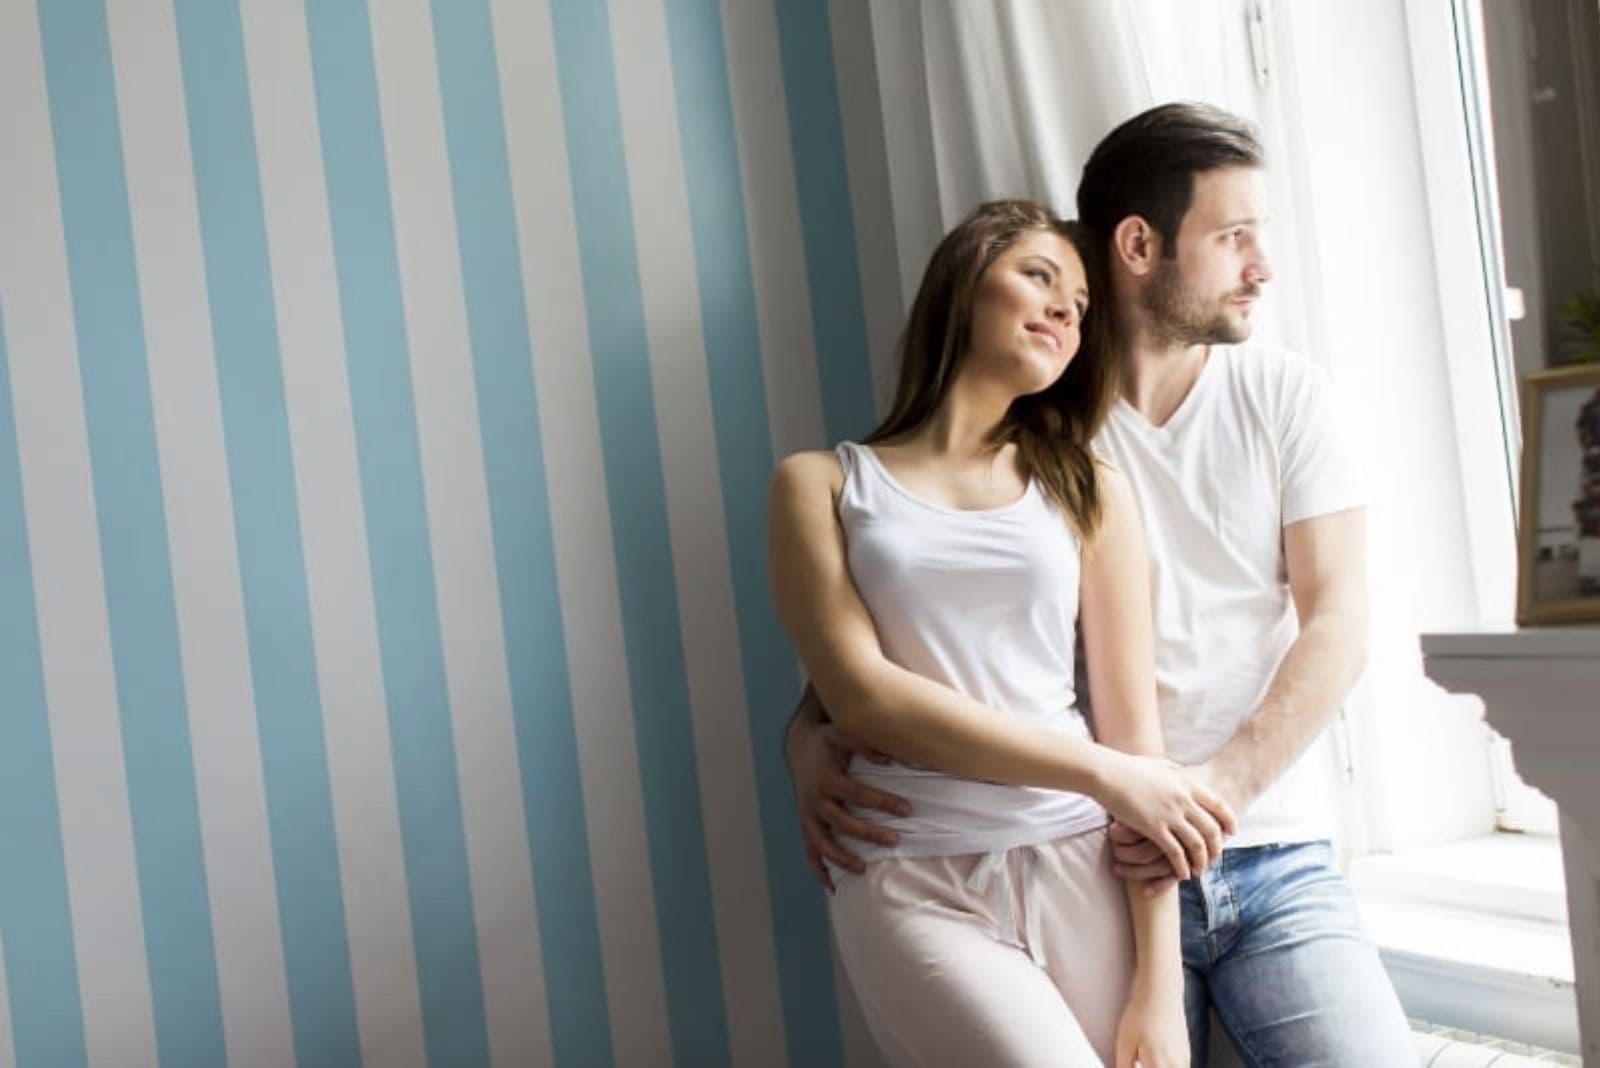 couple in love near window